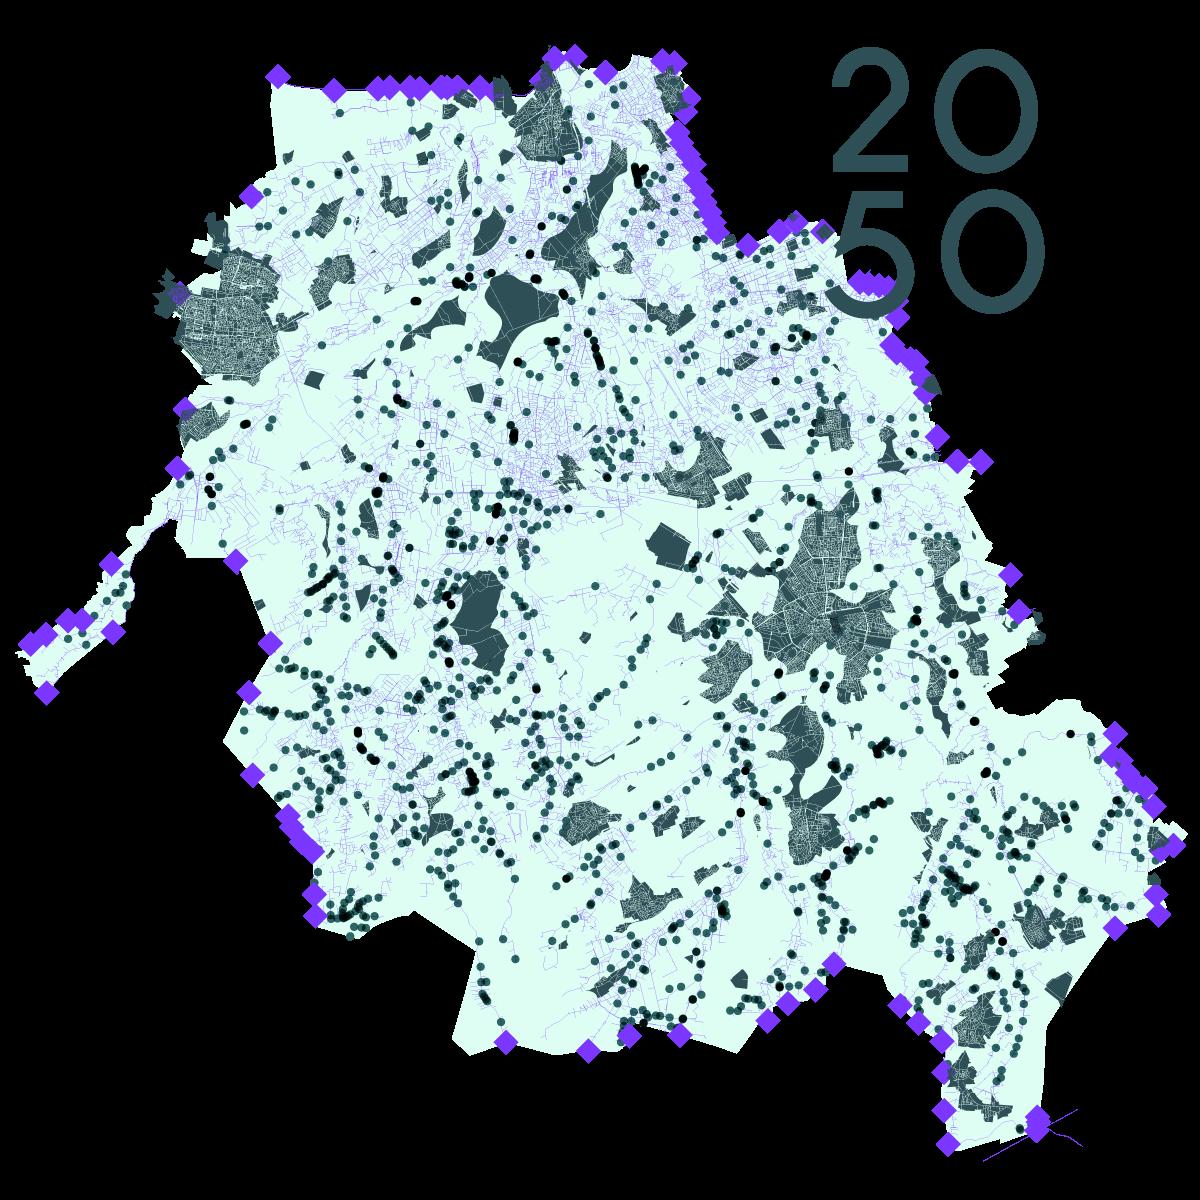 Stuw 2050